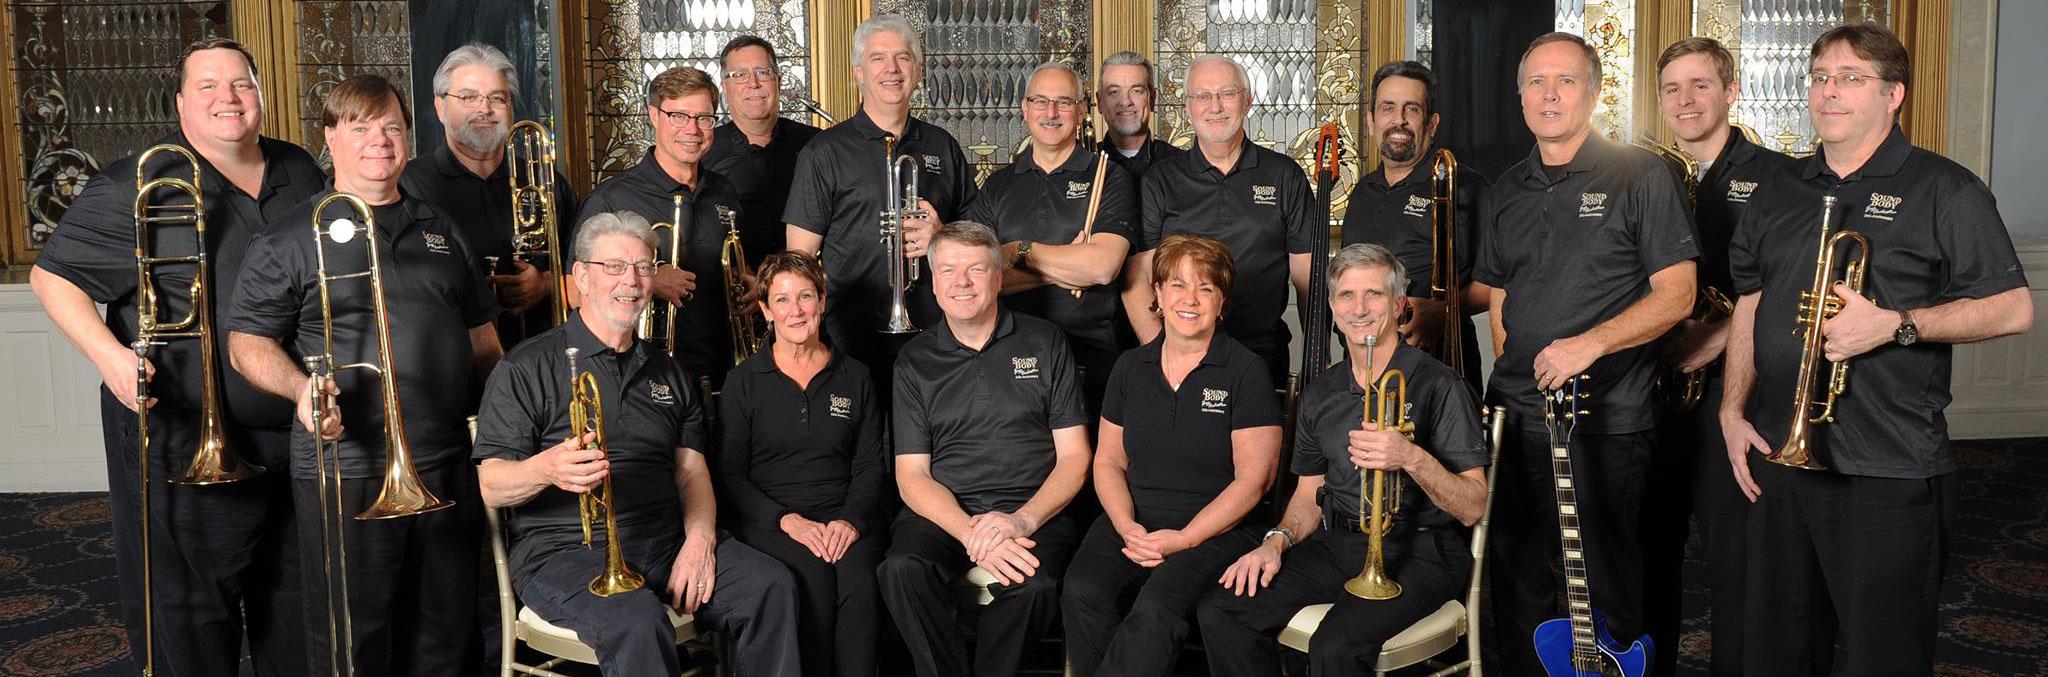 Sound Body Jazz Orchestra